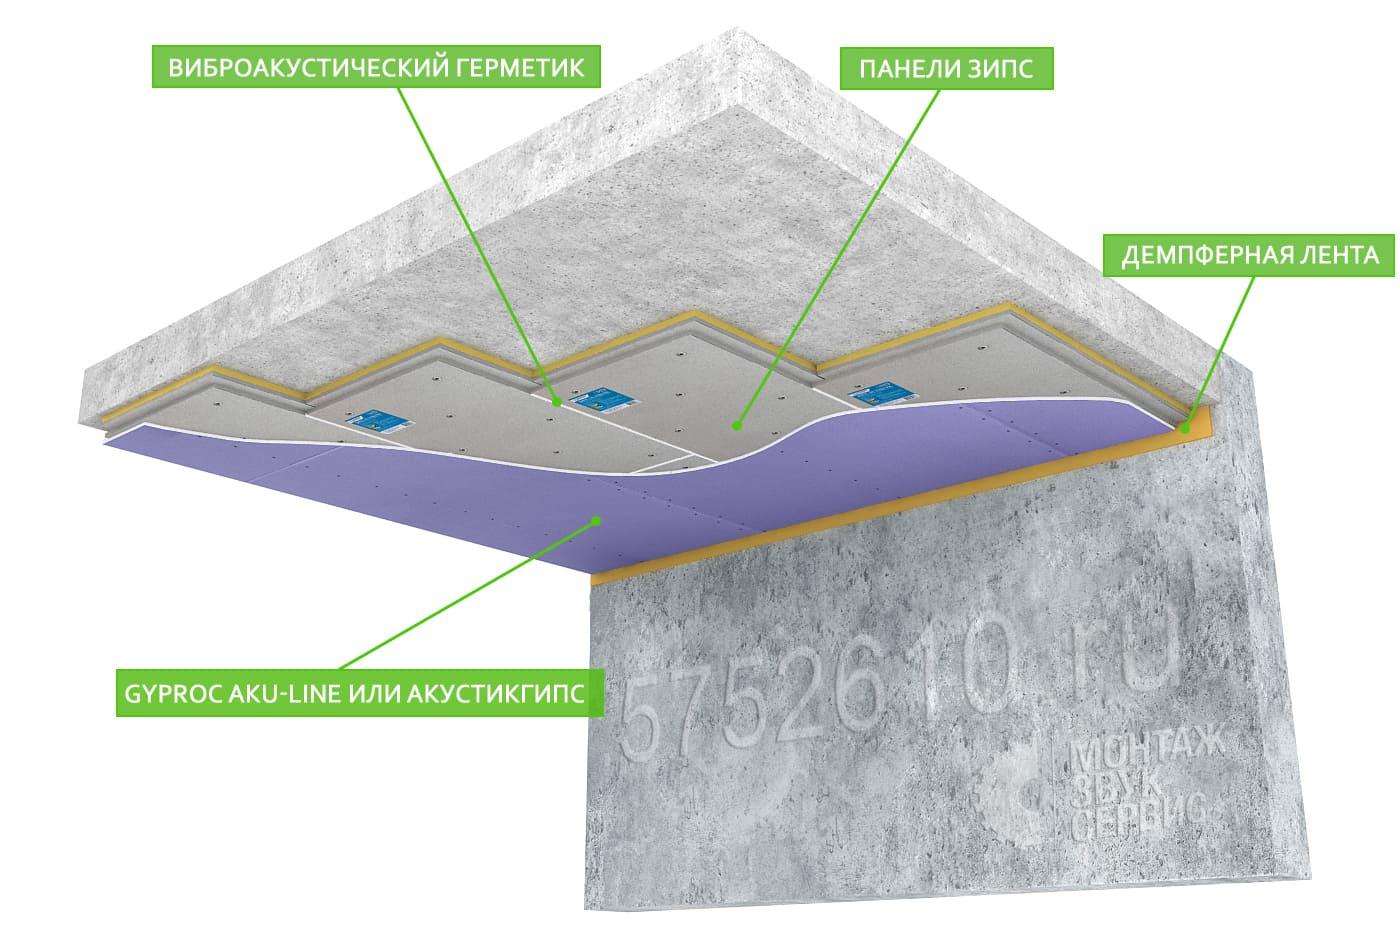 Звукоизоляция потолка панелями ЗИПС III Ультра